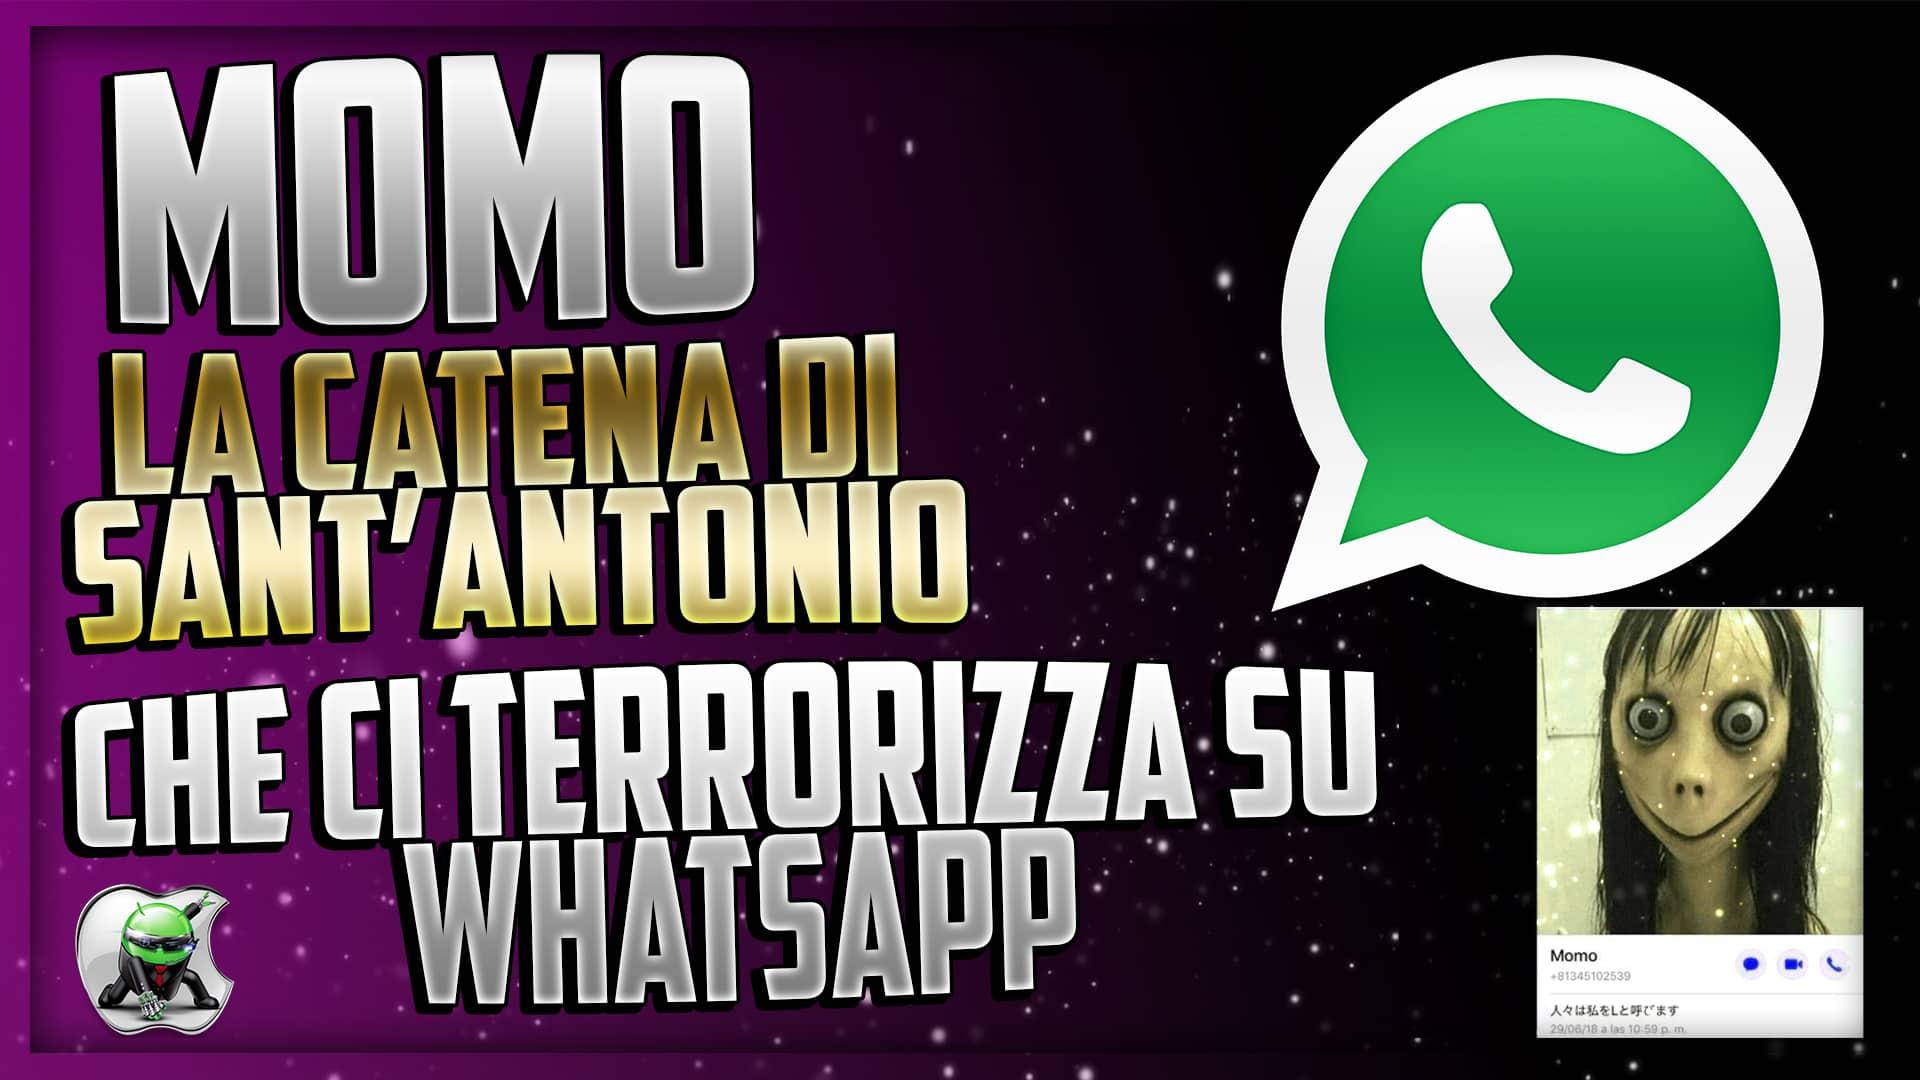 Momo - La Catena di Sant'antonio che ci terrorizza su Whatsapp